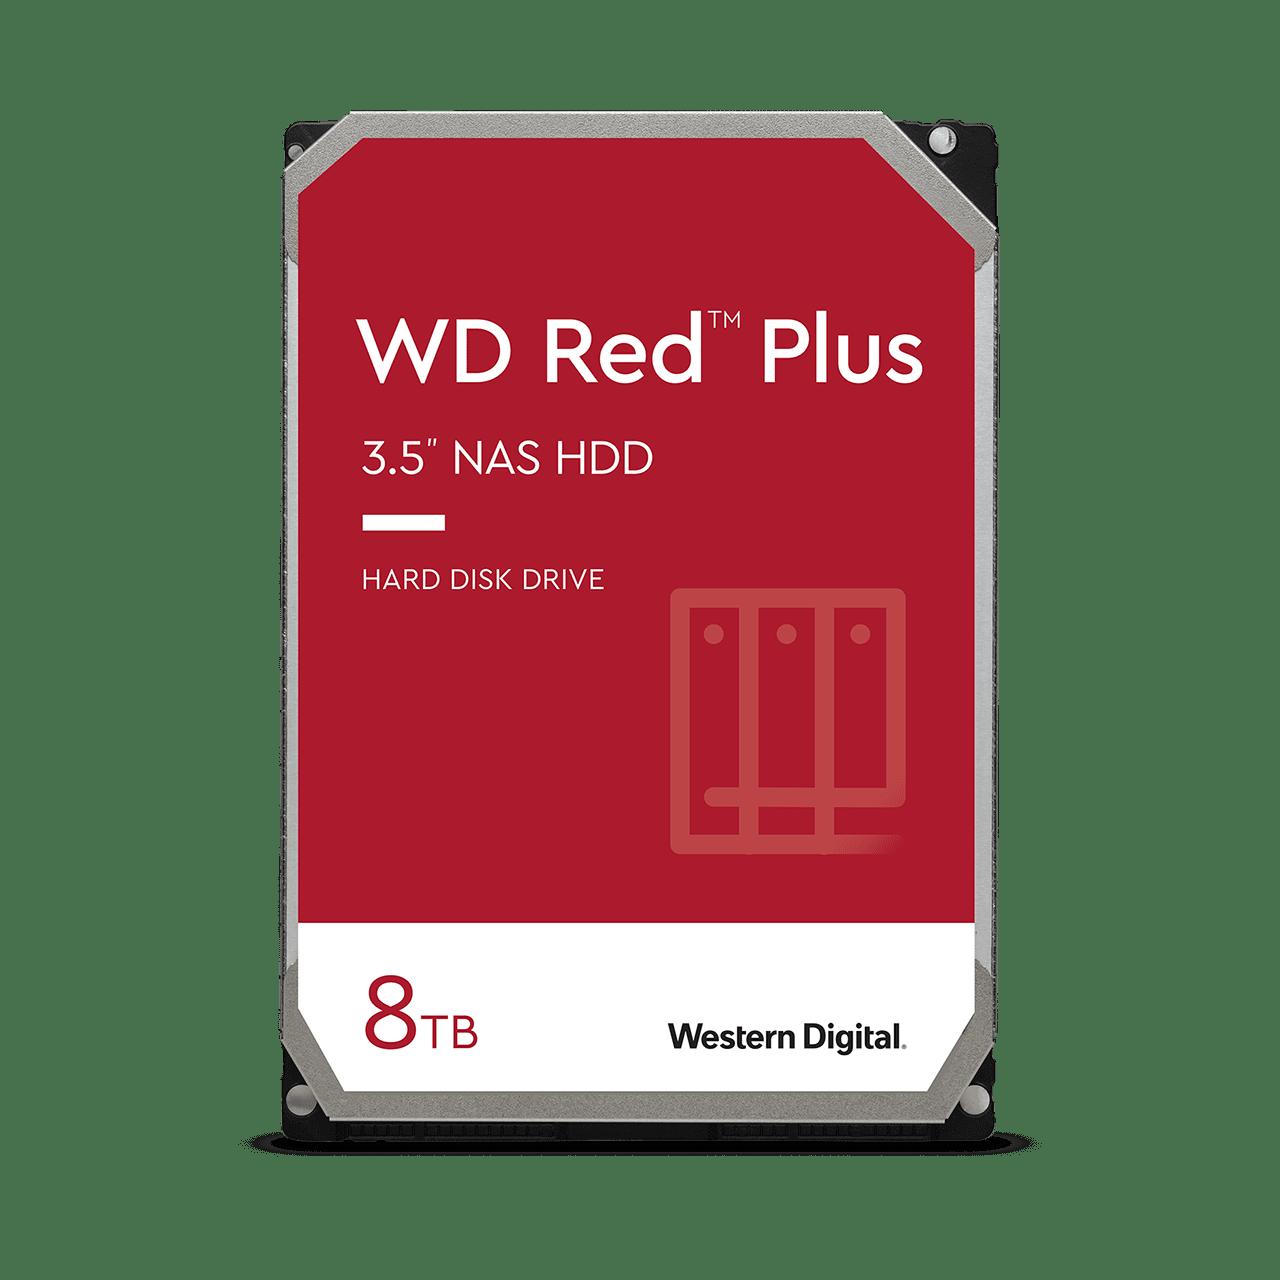 Western Digital Red Plus NAS HD (CMR) - 4TB - $90, 6TB - $130, 8TB - $150, 10TB - $189